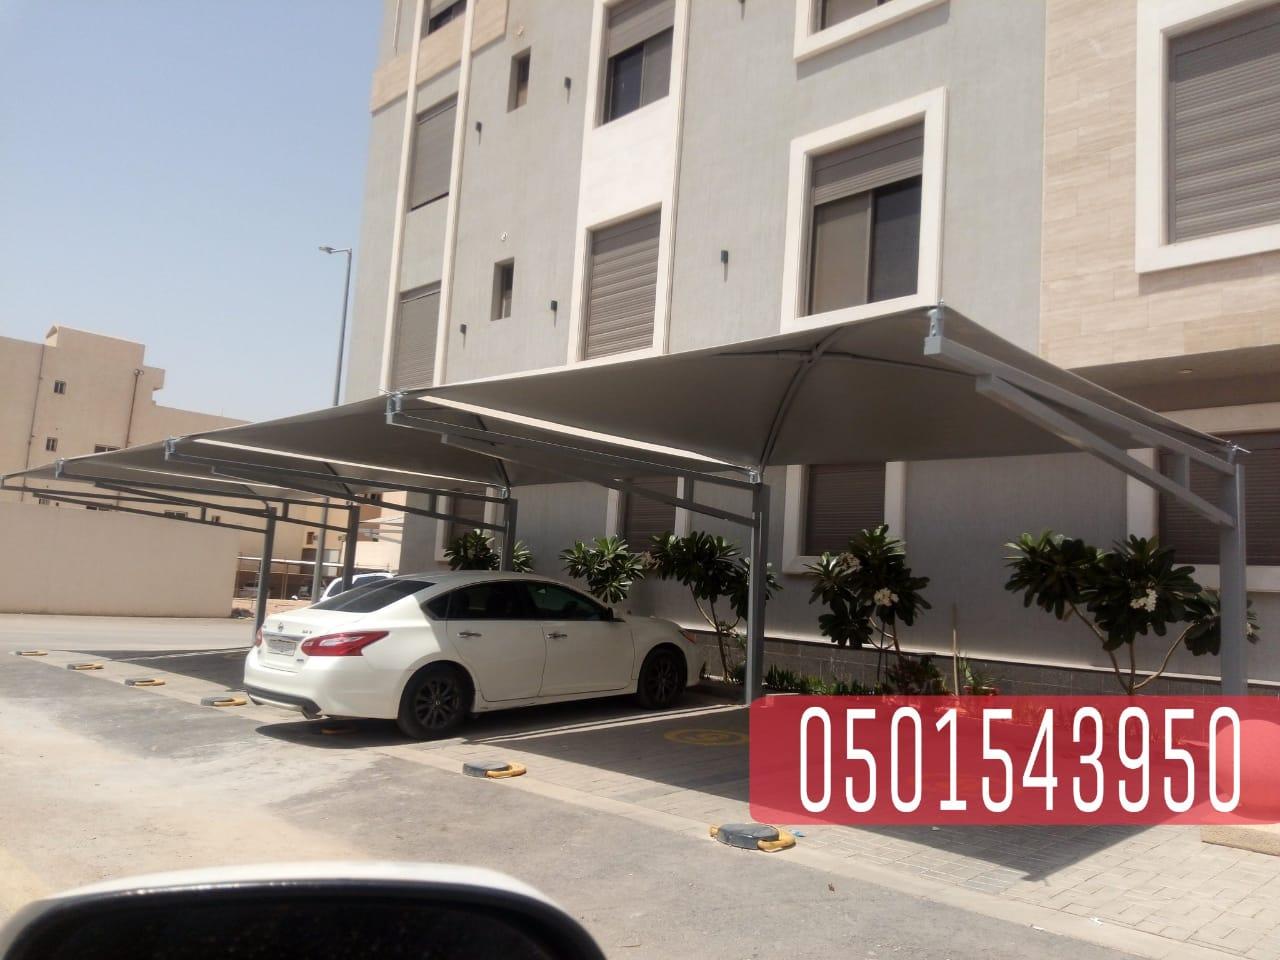 تركيب مظلات سيارات في جدة , 0501543950 P_2086kdwpj7